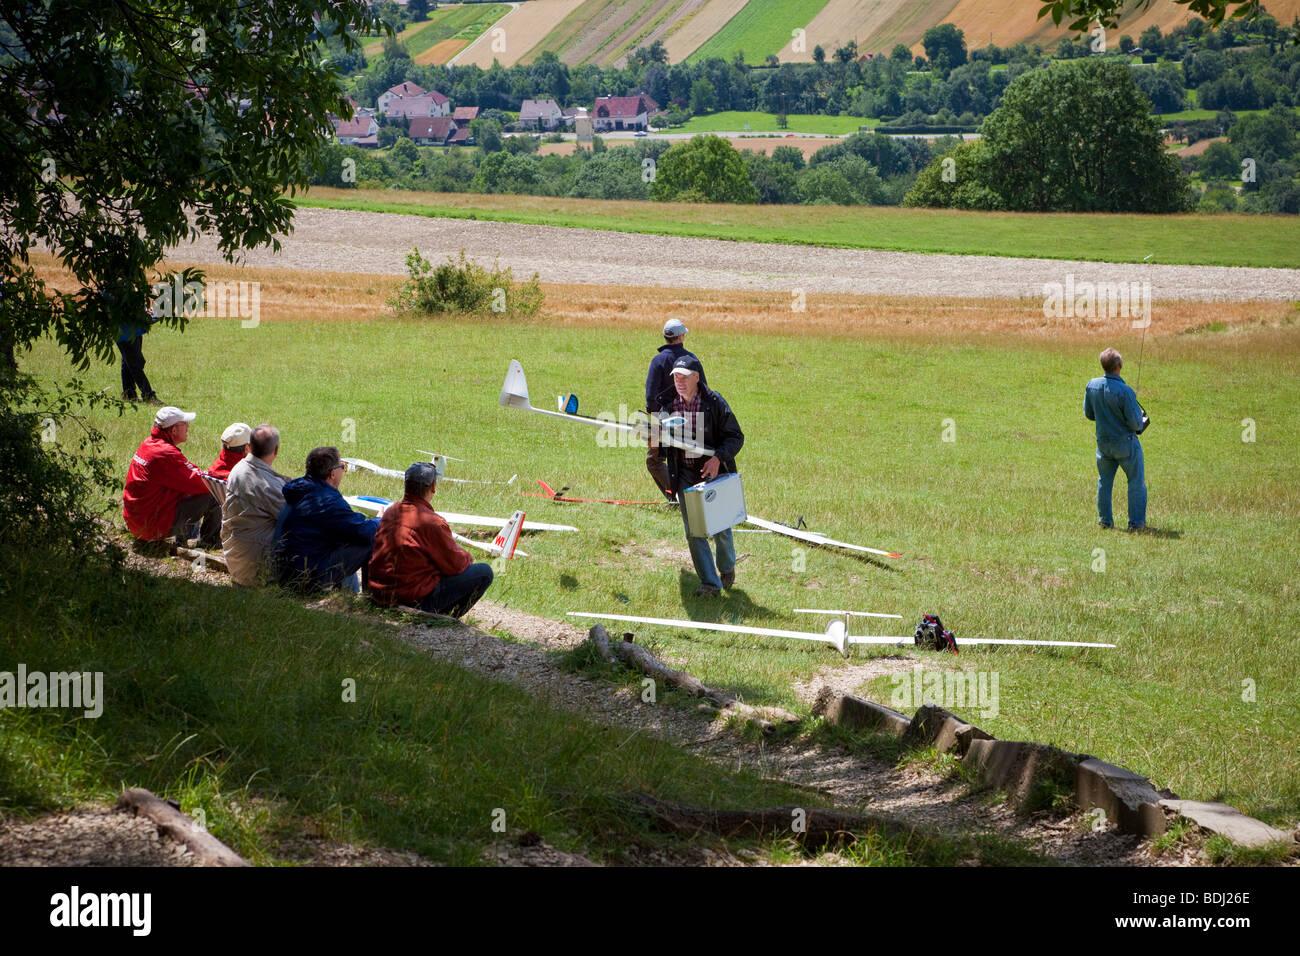 Les planeurs modèle en provenance de Teck Hill dans le Bade Wurtemberg, Allemagne, Europe Photo Stock